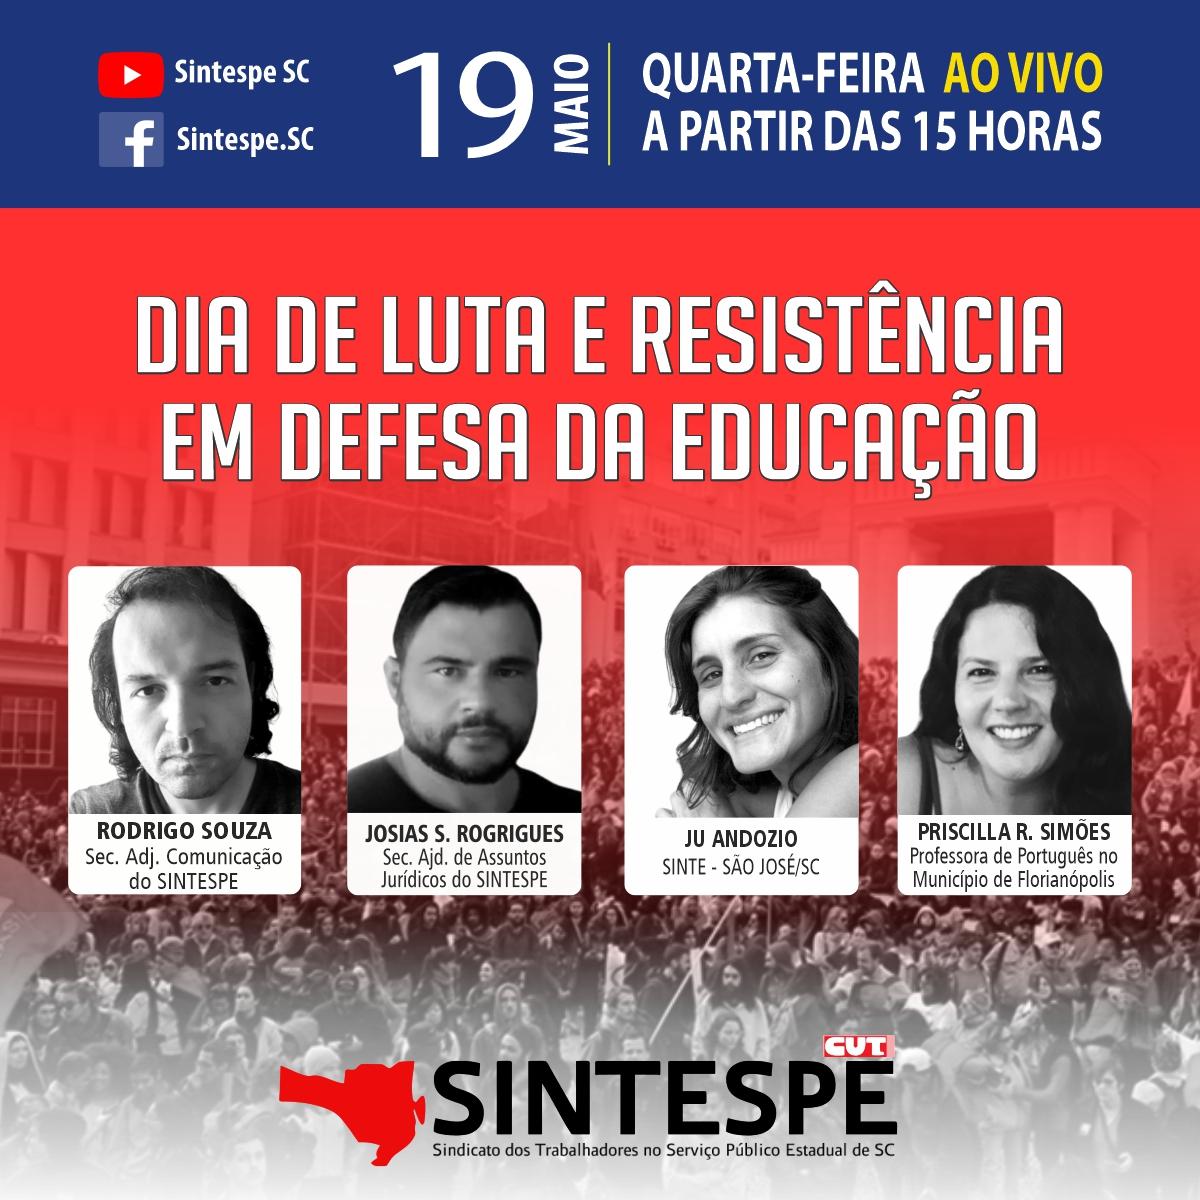 DIA DE LUTA E RESISTÊNCIA EM DEFESA DA EDUCAÇÃO